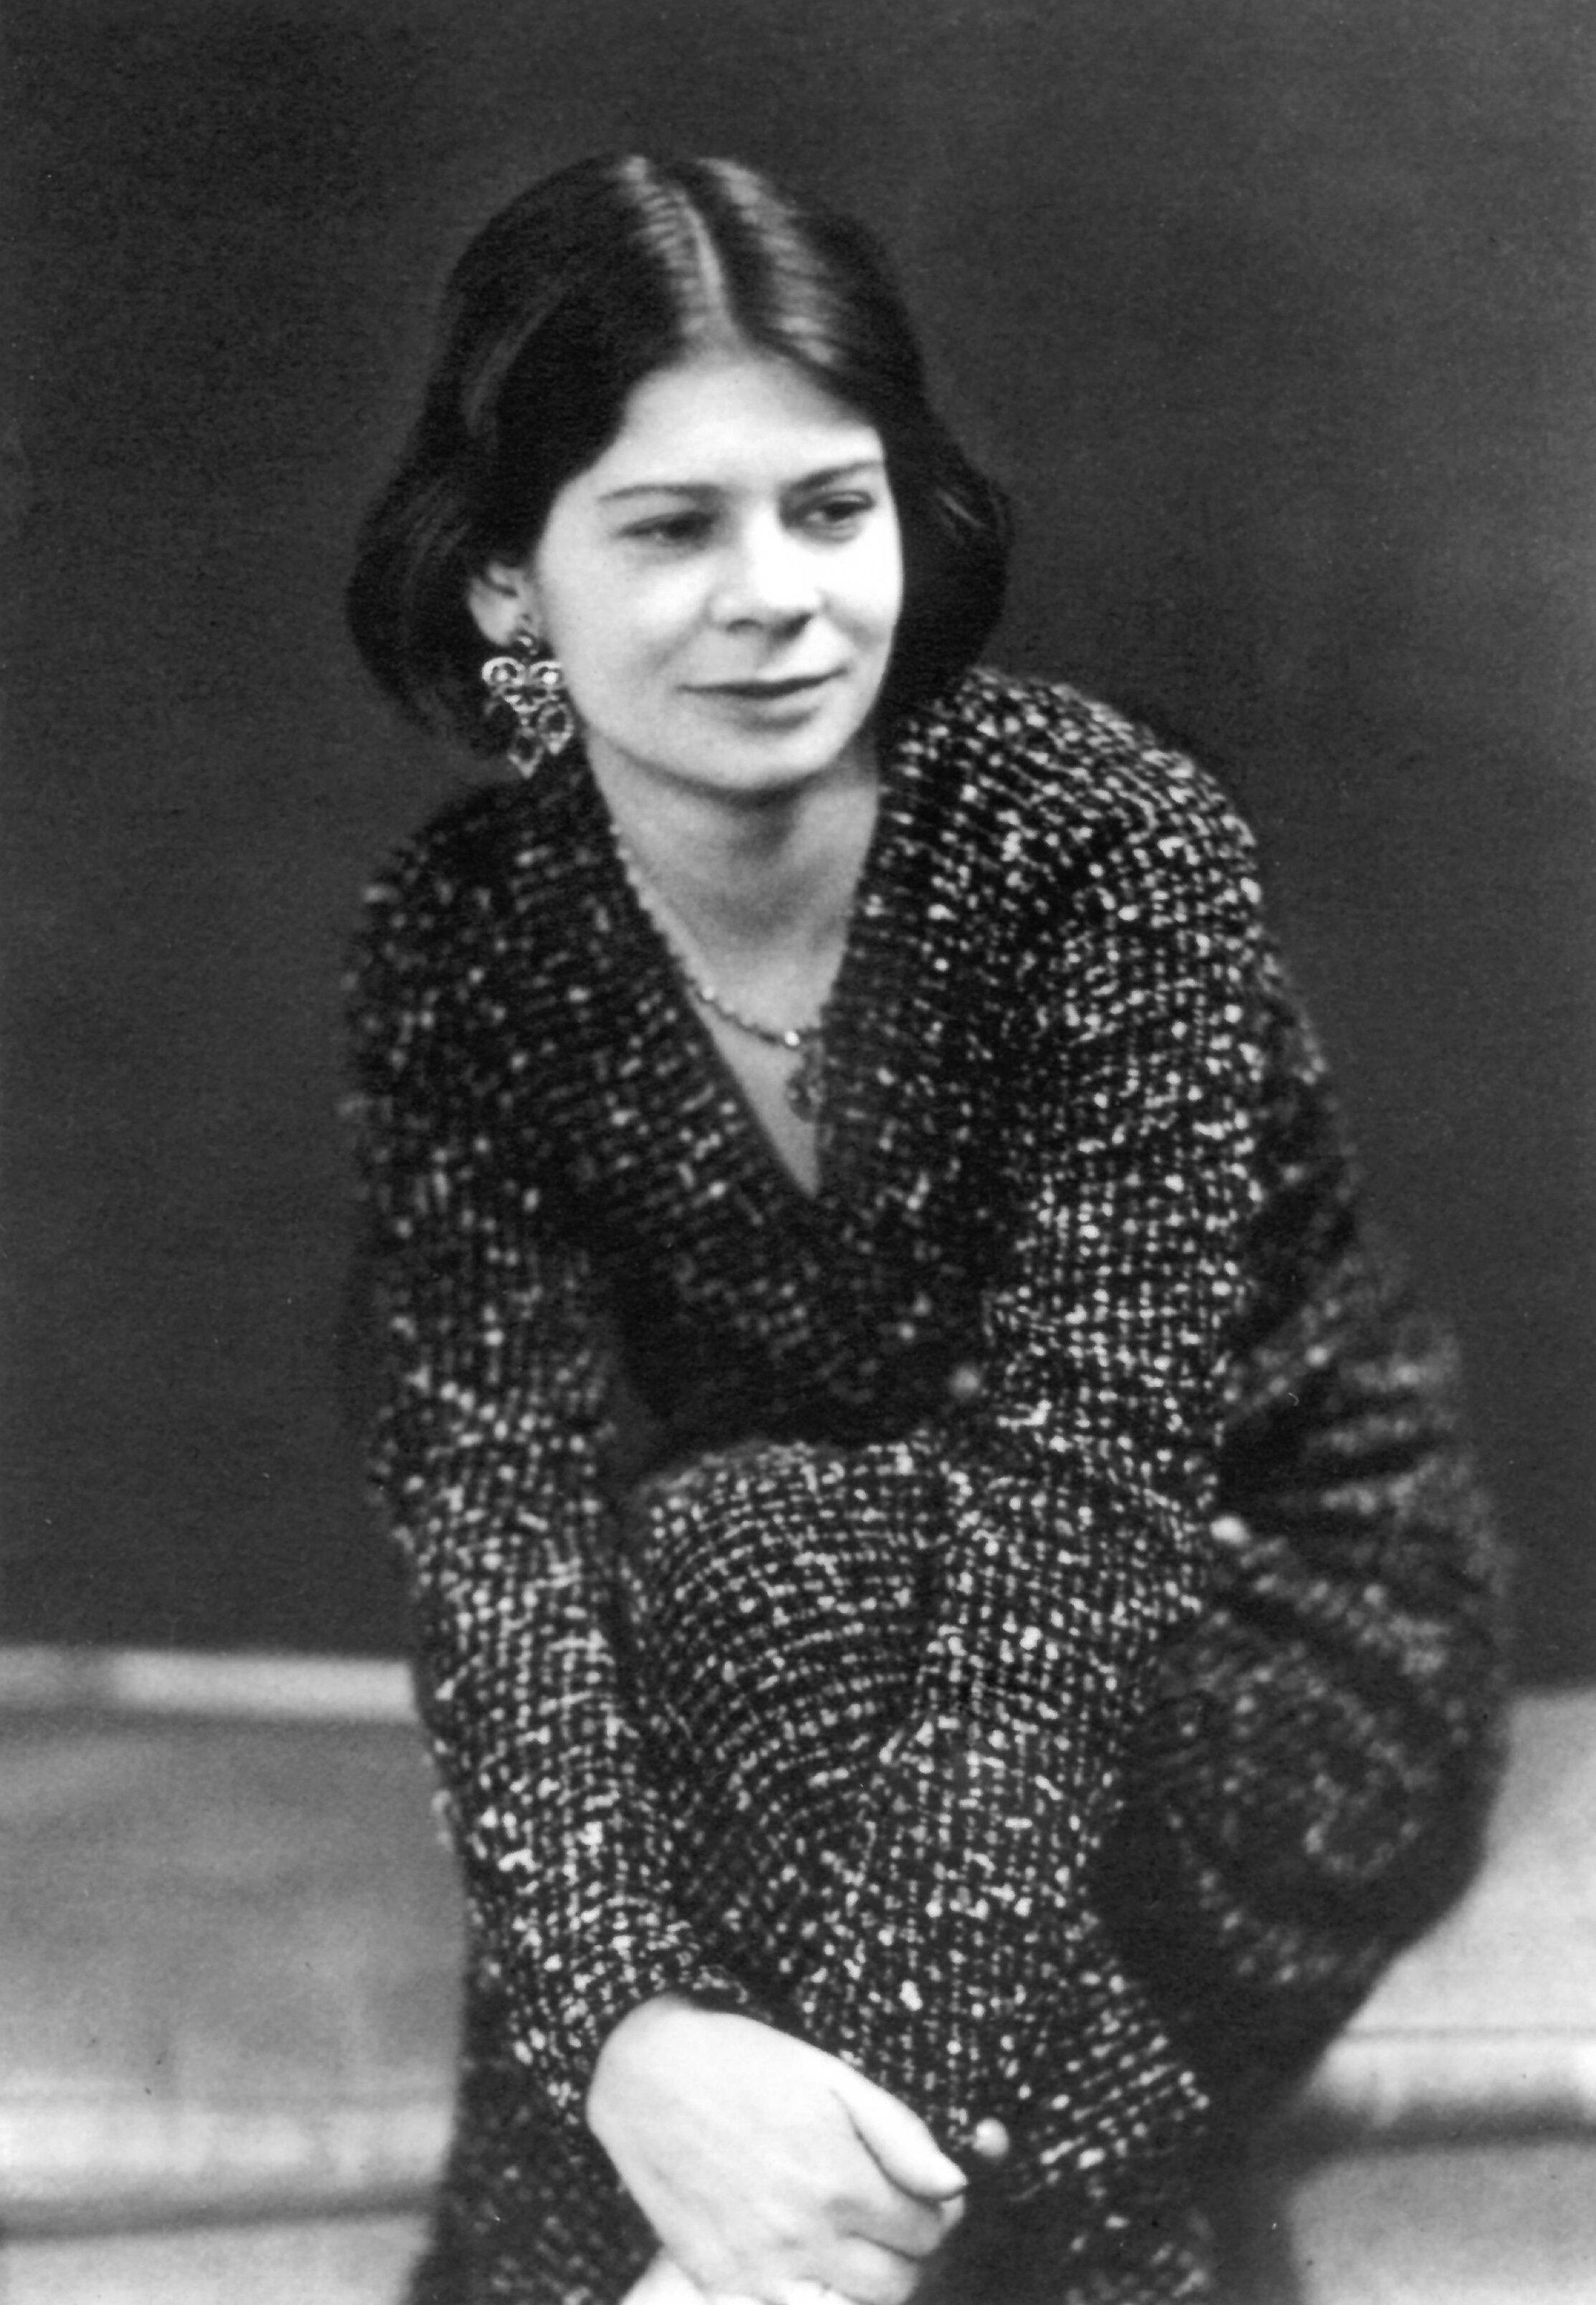 Image: Margaret Gardiner c. 1932 by Ramsay and Muspratt photographers